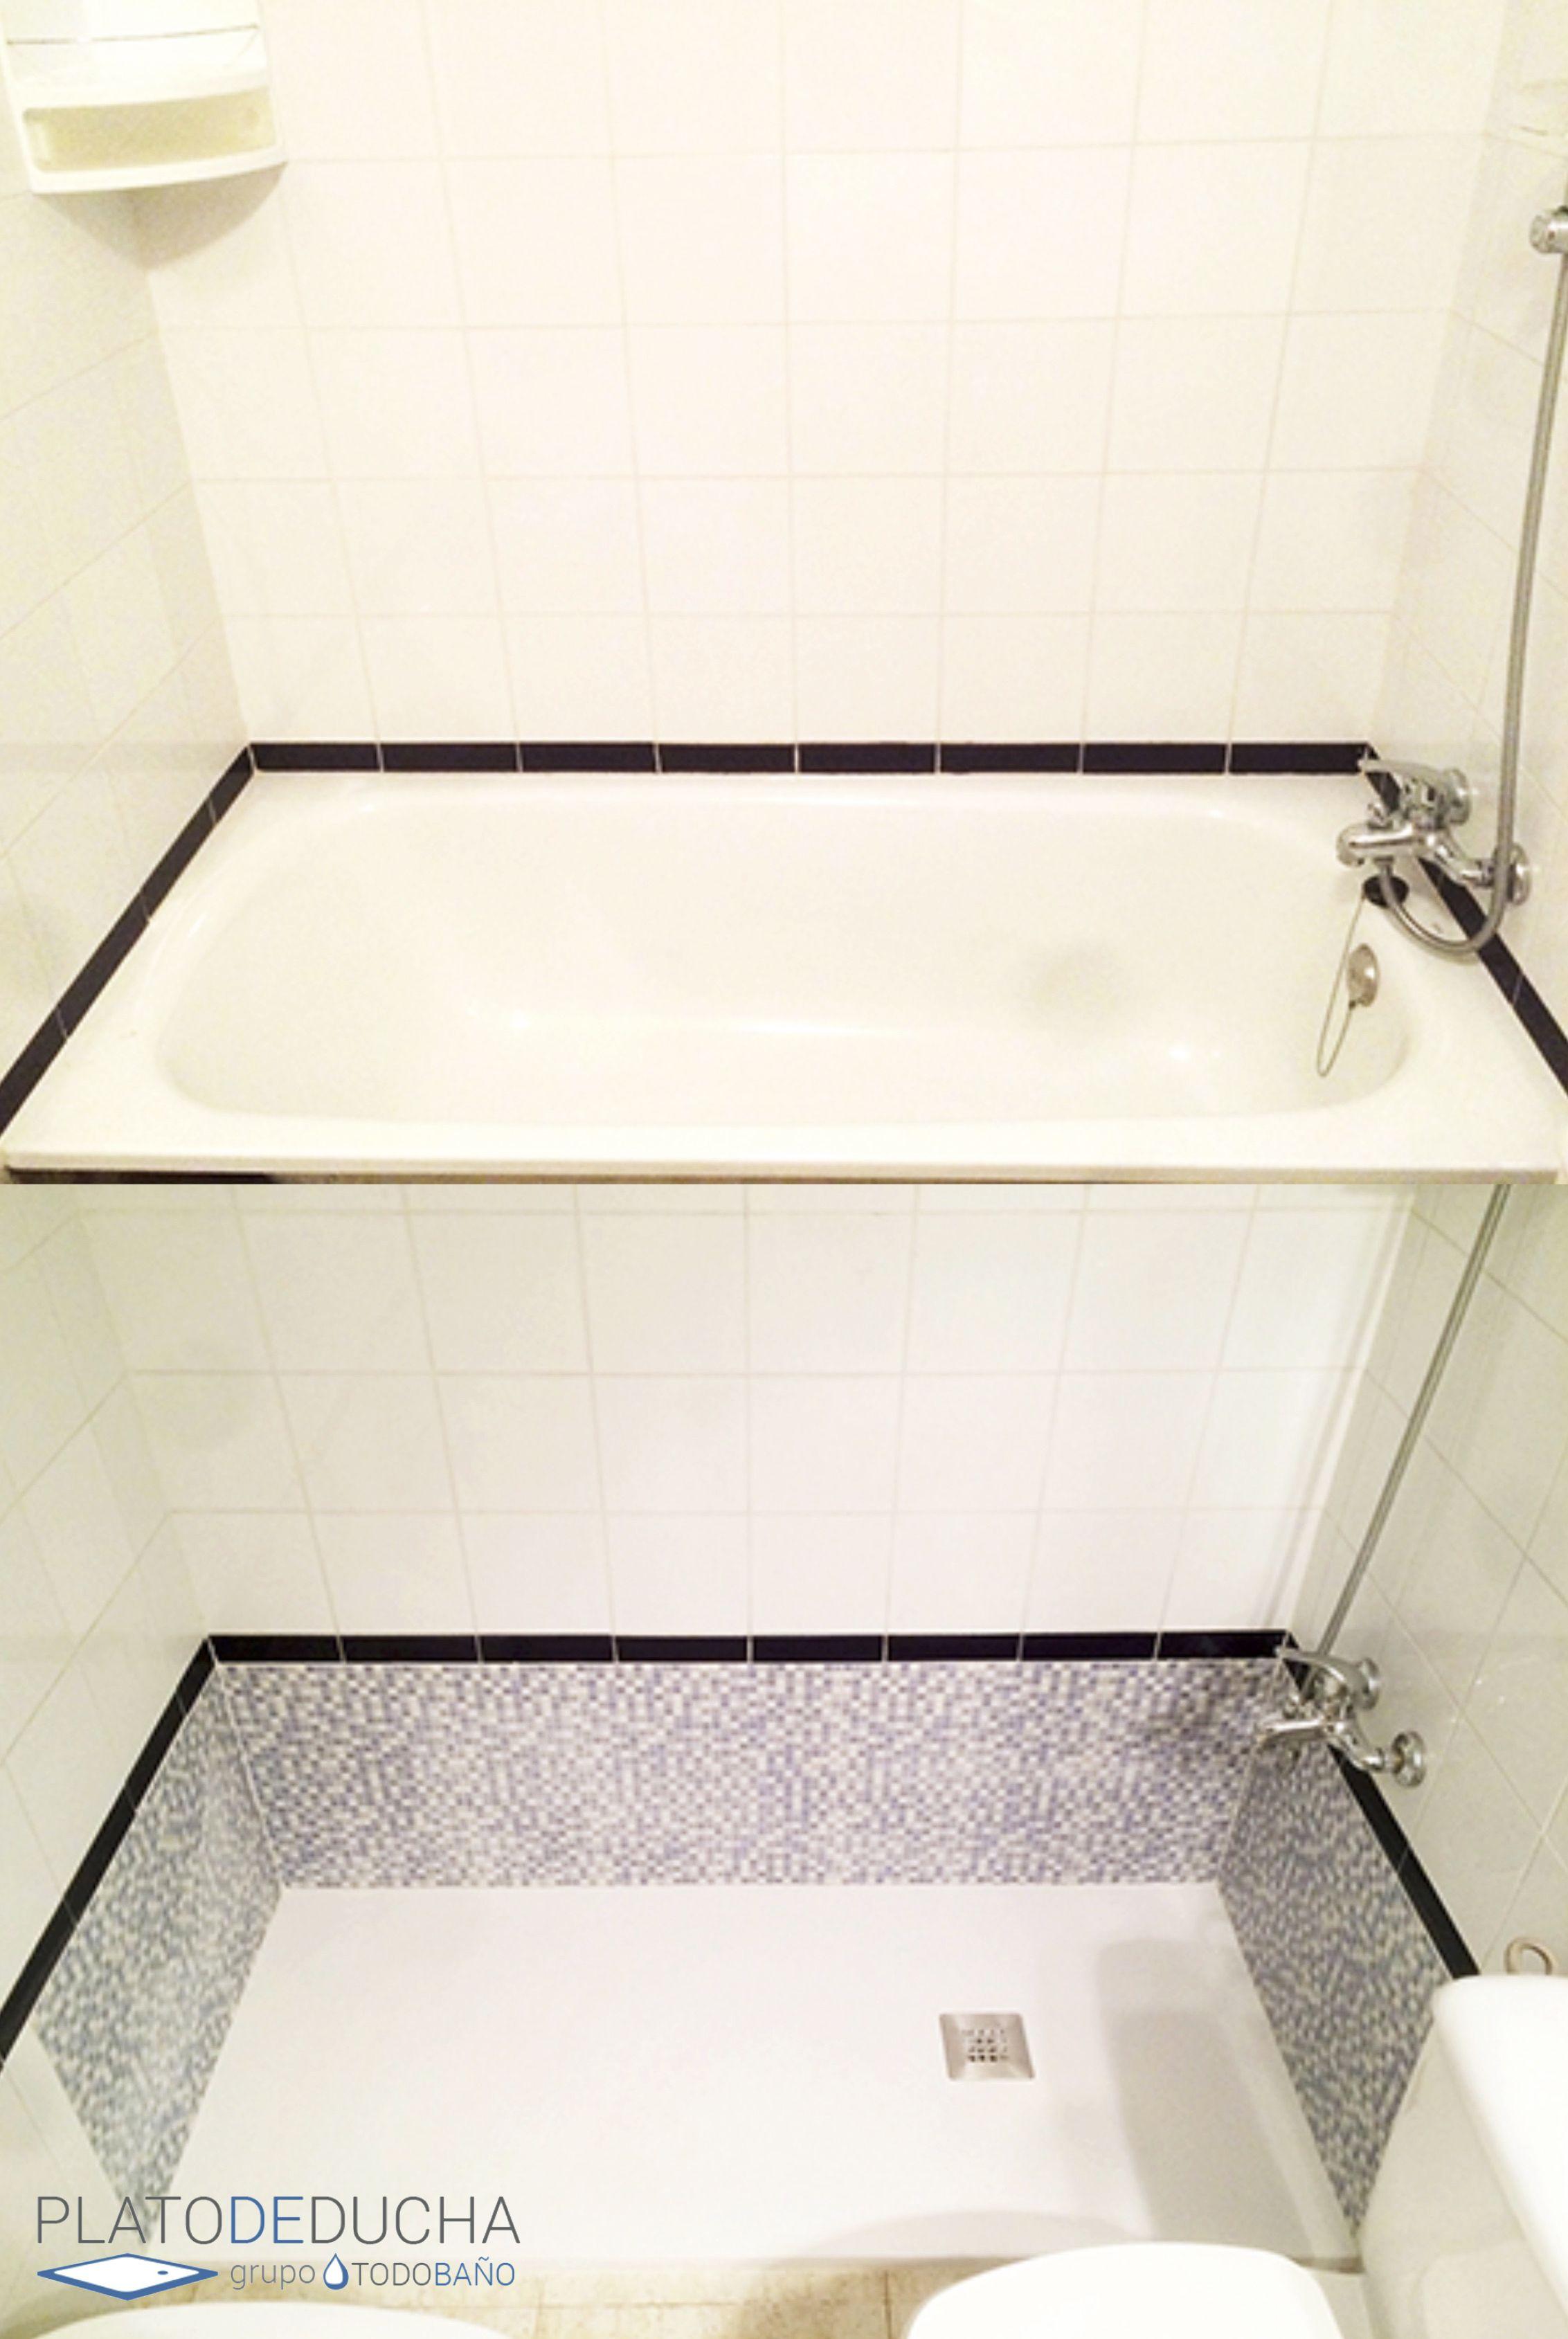 A Petición Del Cliente Retiramos Su Antigua Bañera Colocando En Lugar De Esta Un Plato D Platos De Ducha Cambio Bañera Por Ducha Azulejos Para Baños Pequeños